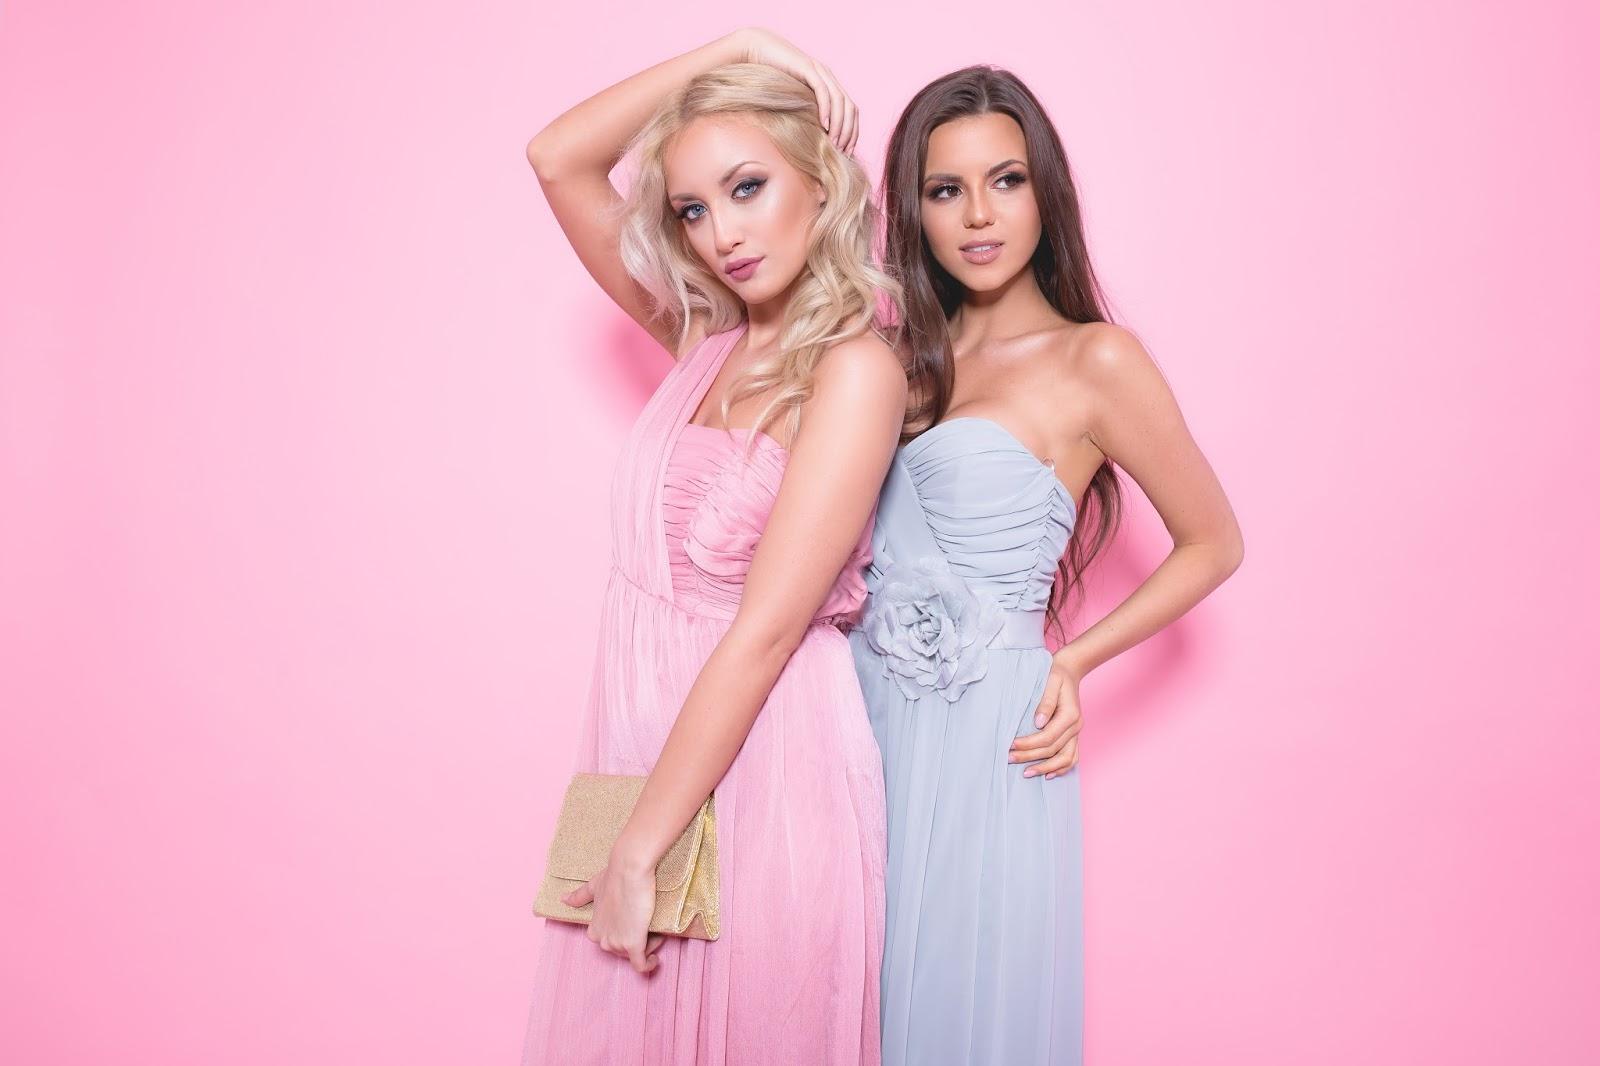 870756037778e Dla blondynki w wersji pudrowo-różowej a dla brunetki przybrudzony błękit.  Im prostszy fason - tym lepiej. Długie sukienki są coraz częściej  wybieranie ...